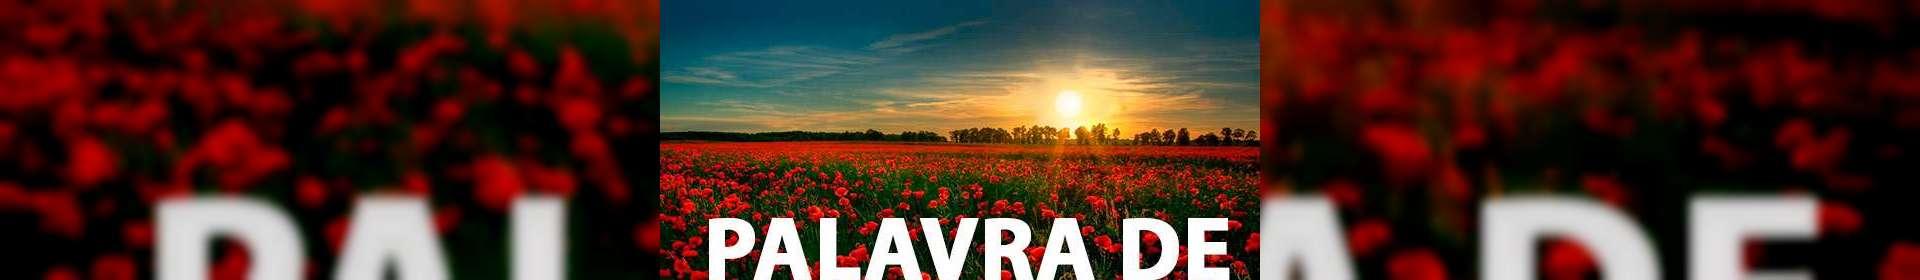 Salmos 139:5 - Uma Palavra de Esperança para sua vida